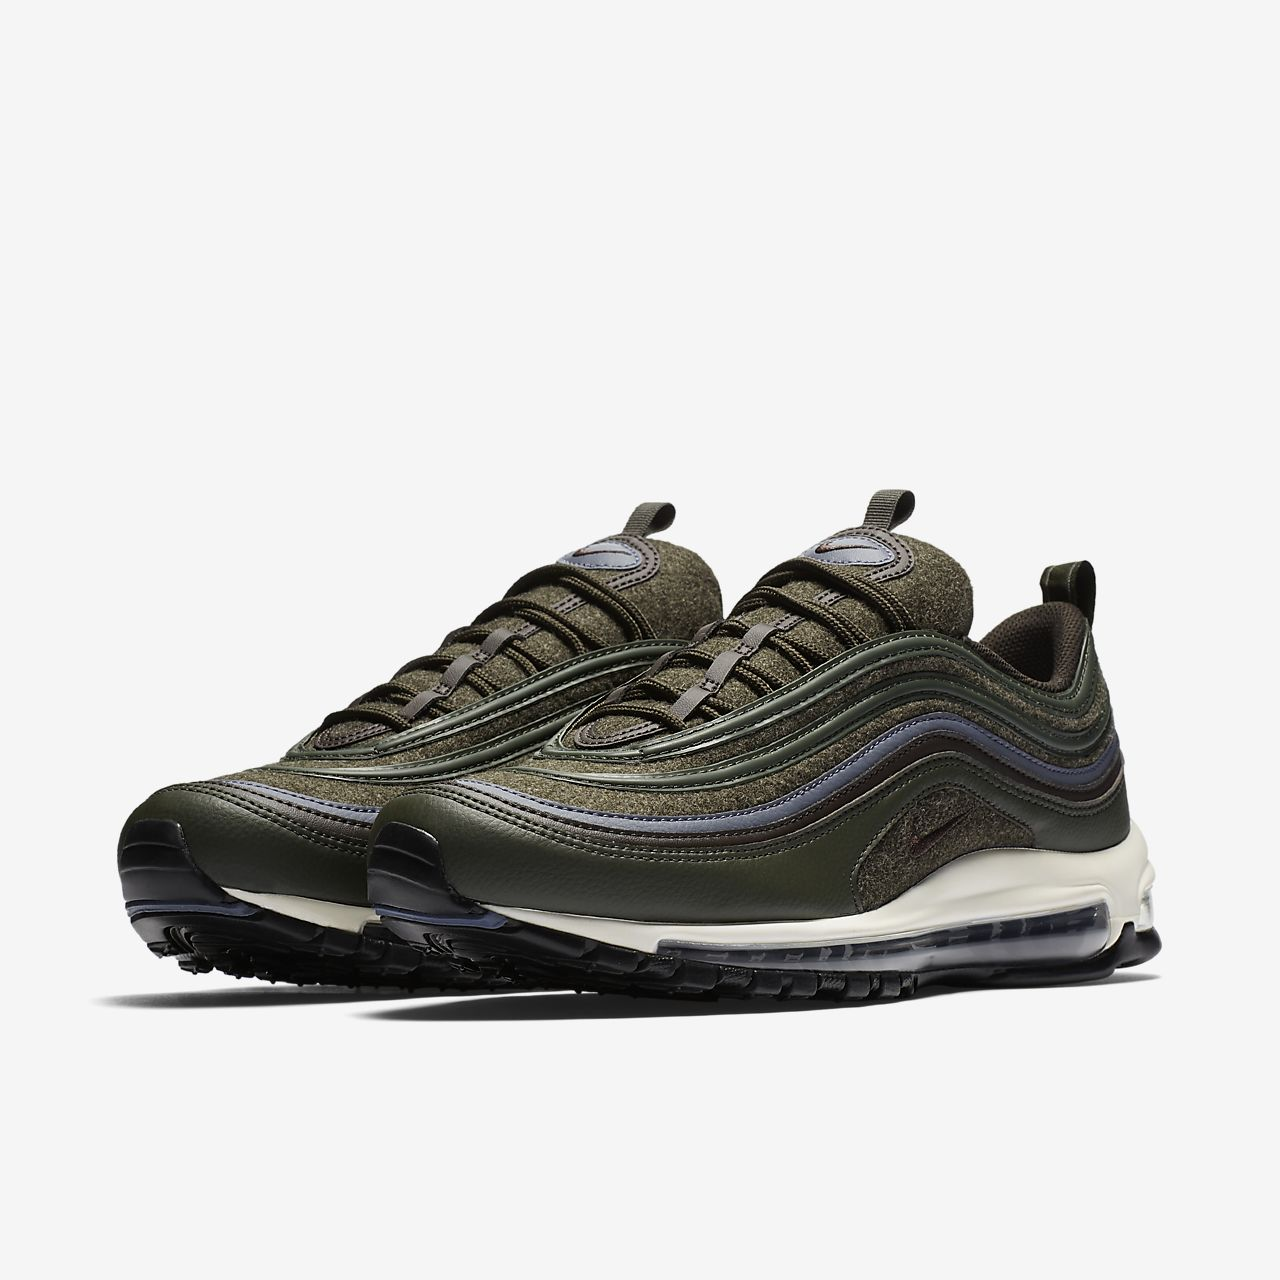 ... Chaussure Nike Air Max 97 Premium pour Homme